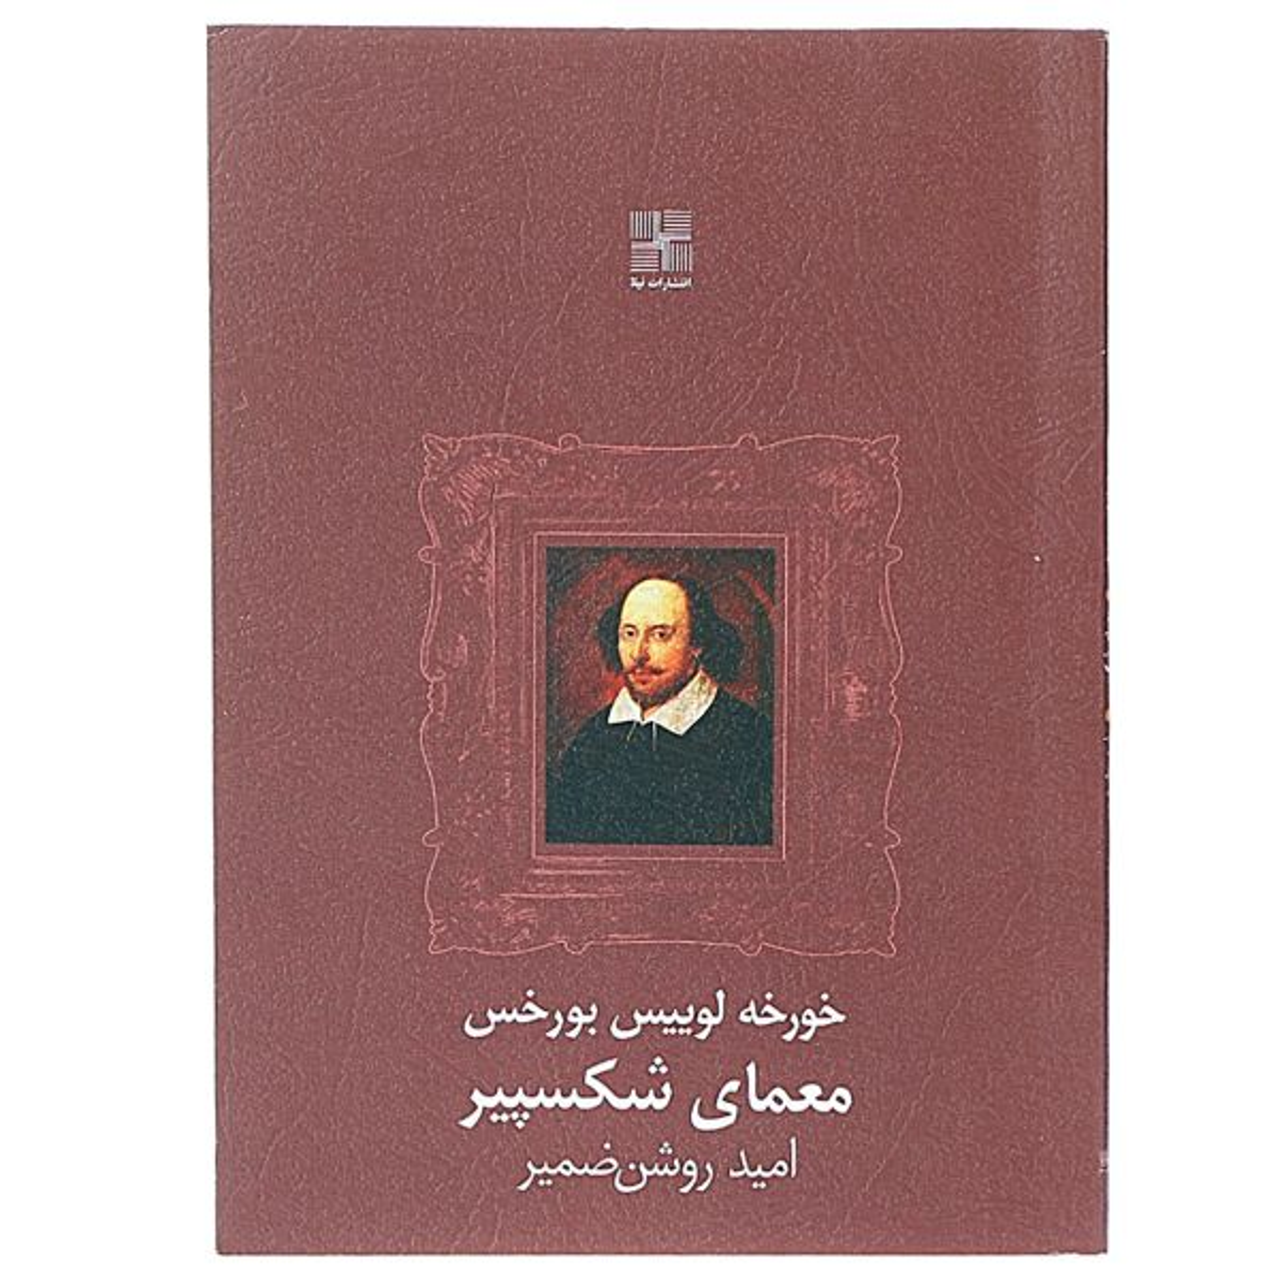 کتاب معمای شکسپیر اثر خورخه لوییس بورخس